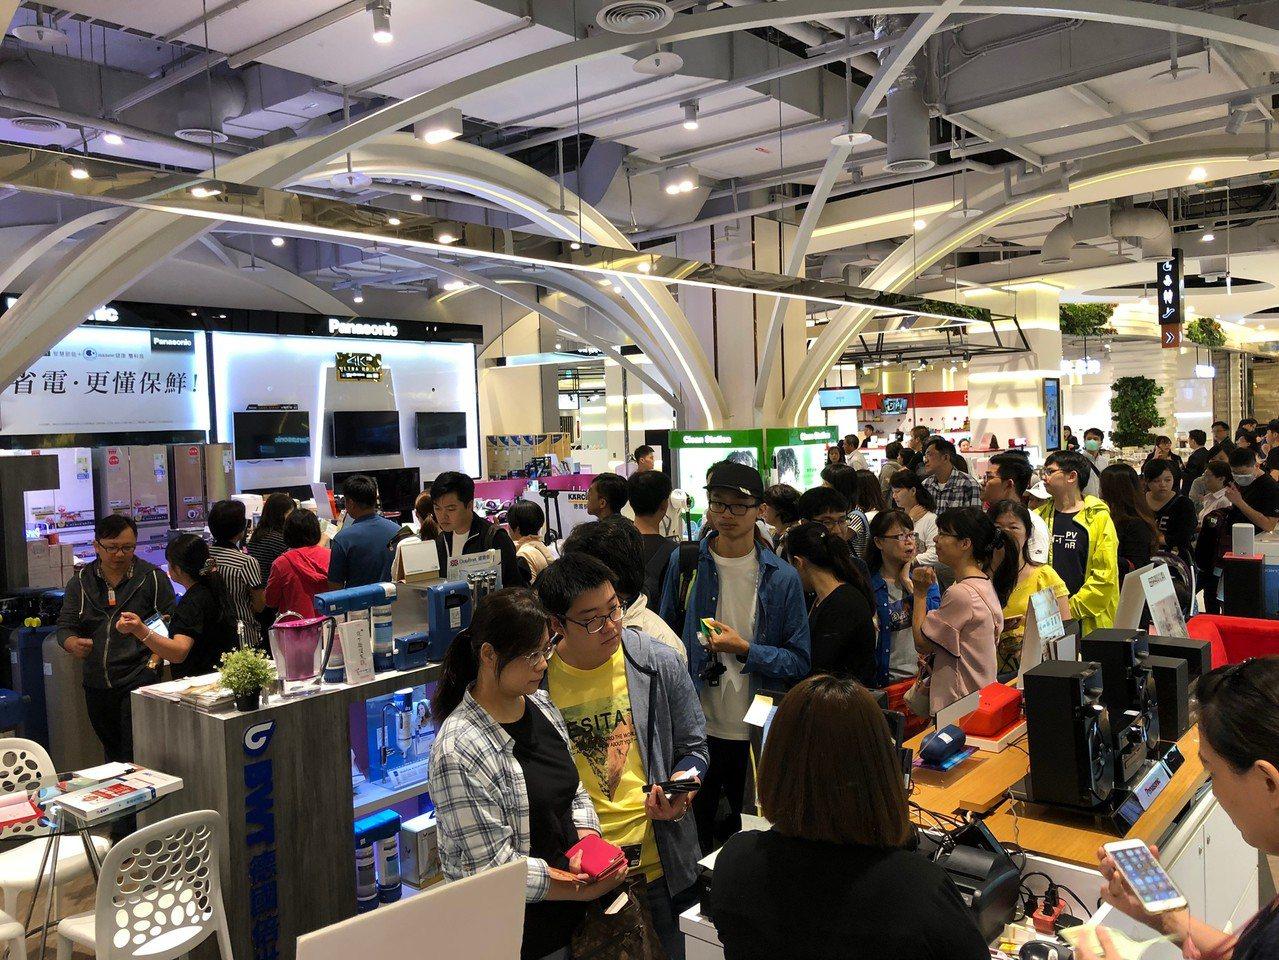 10月初桃園地區百貨、購物中心周年慶齊跑進行搶客大作戰。圖/大江購物中心提供